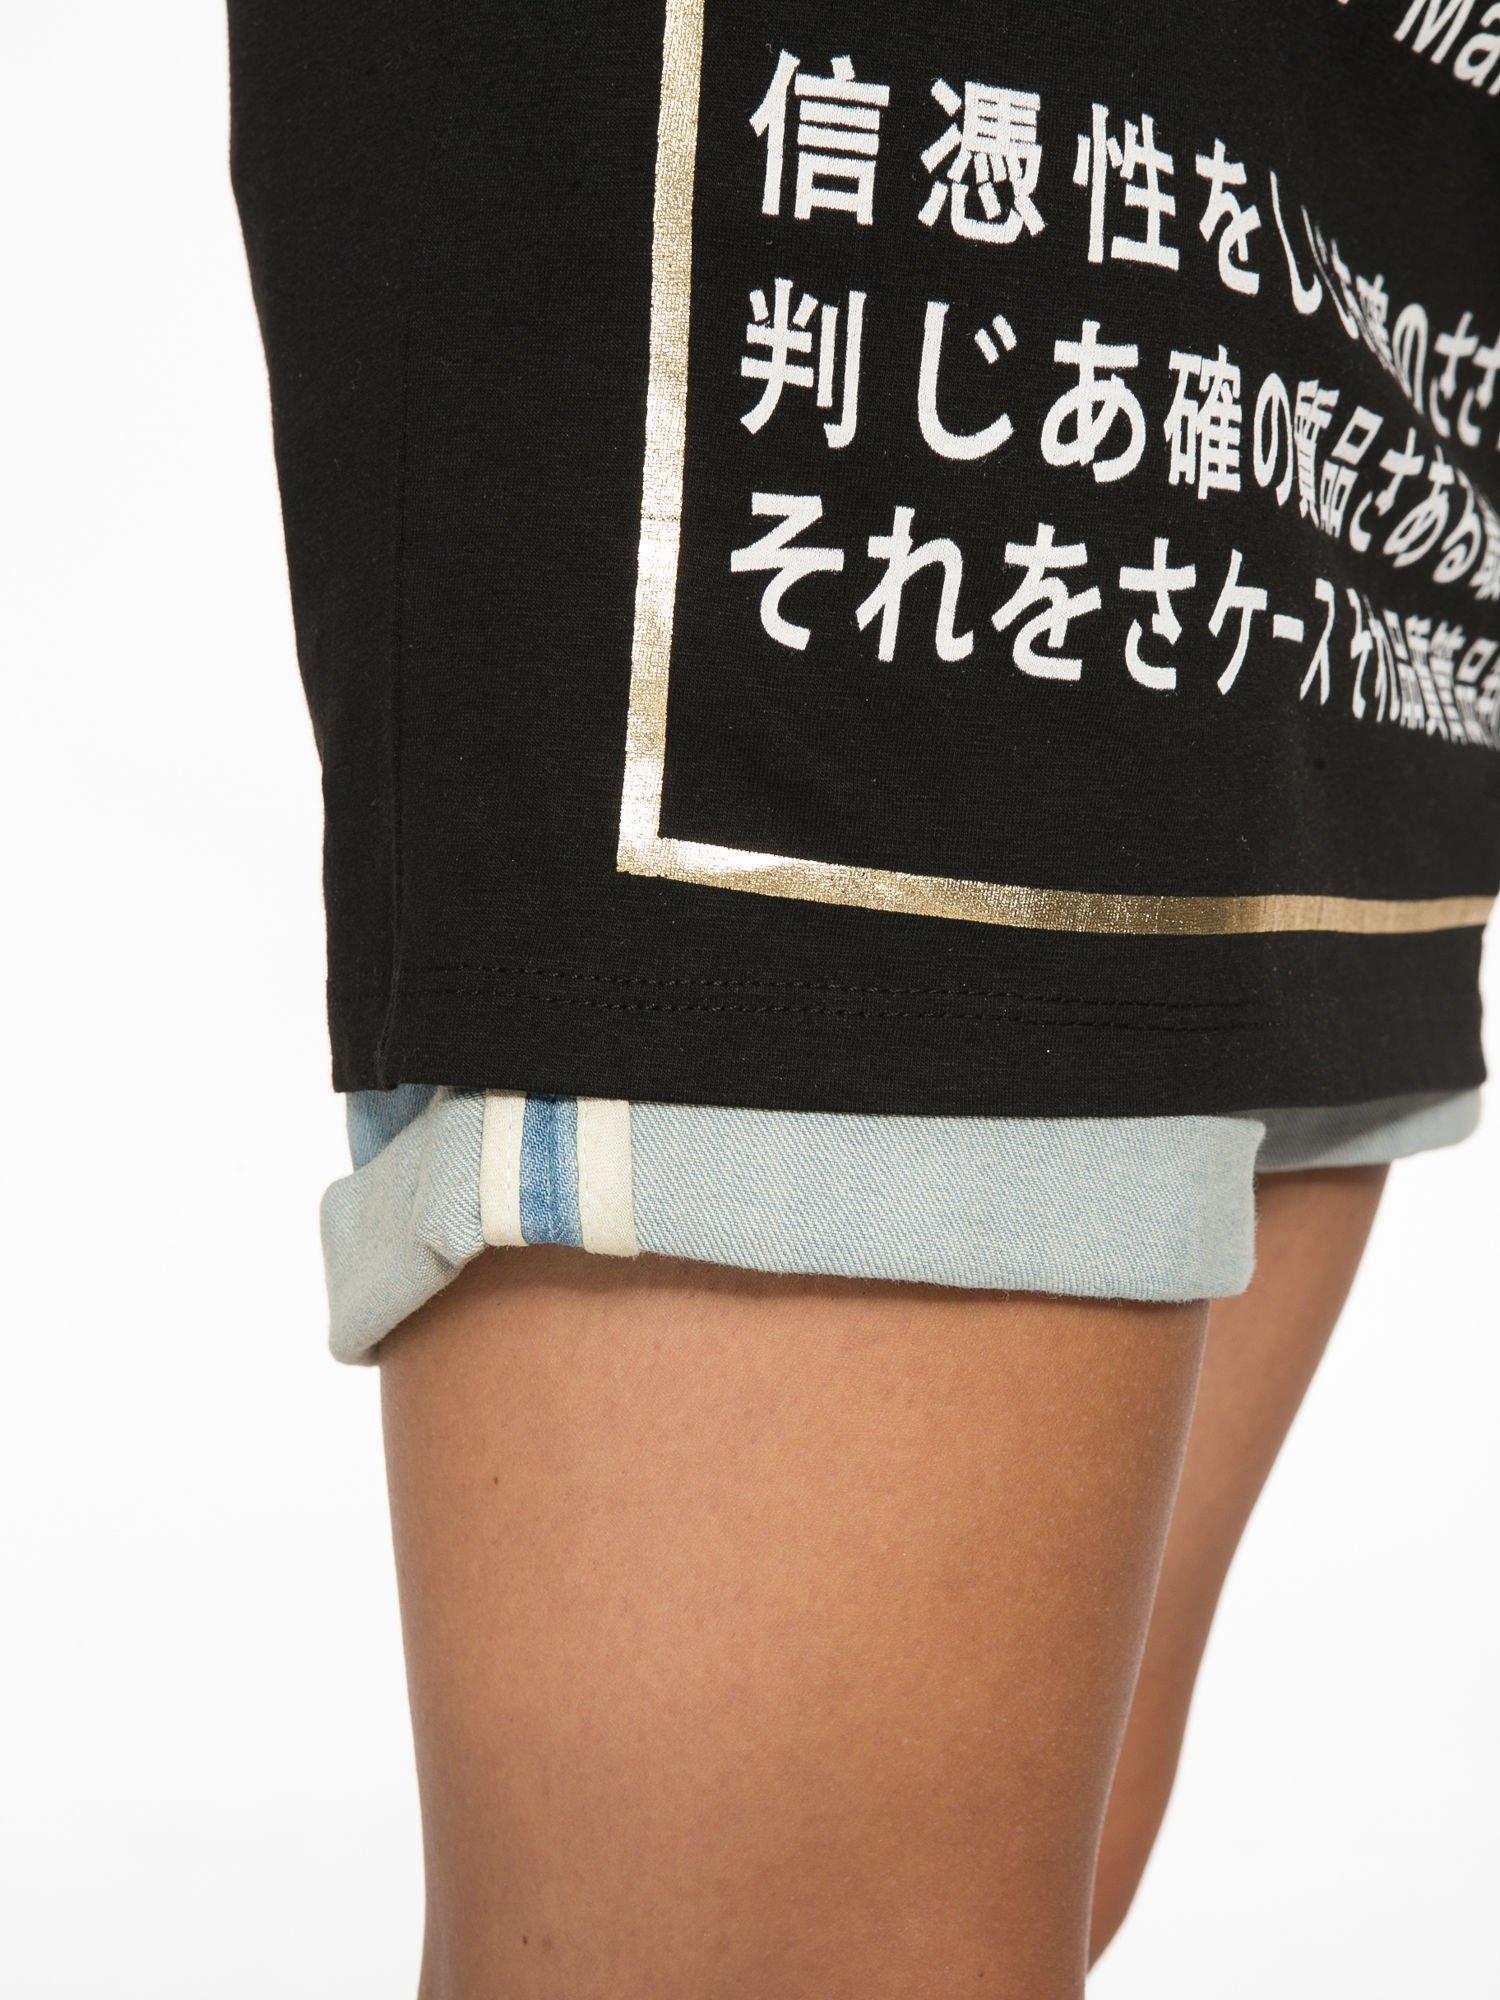 Czarny t-shirt z tekstowym nadrukiem i znakami chińskimi                                  zdj.                                  11